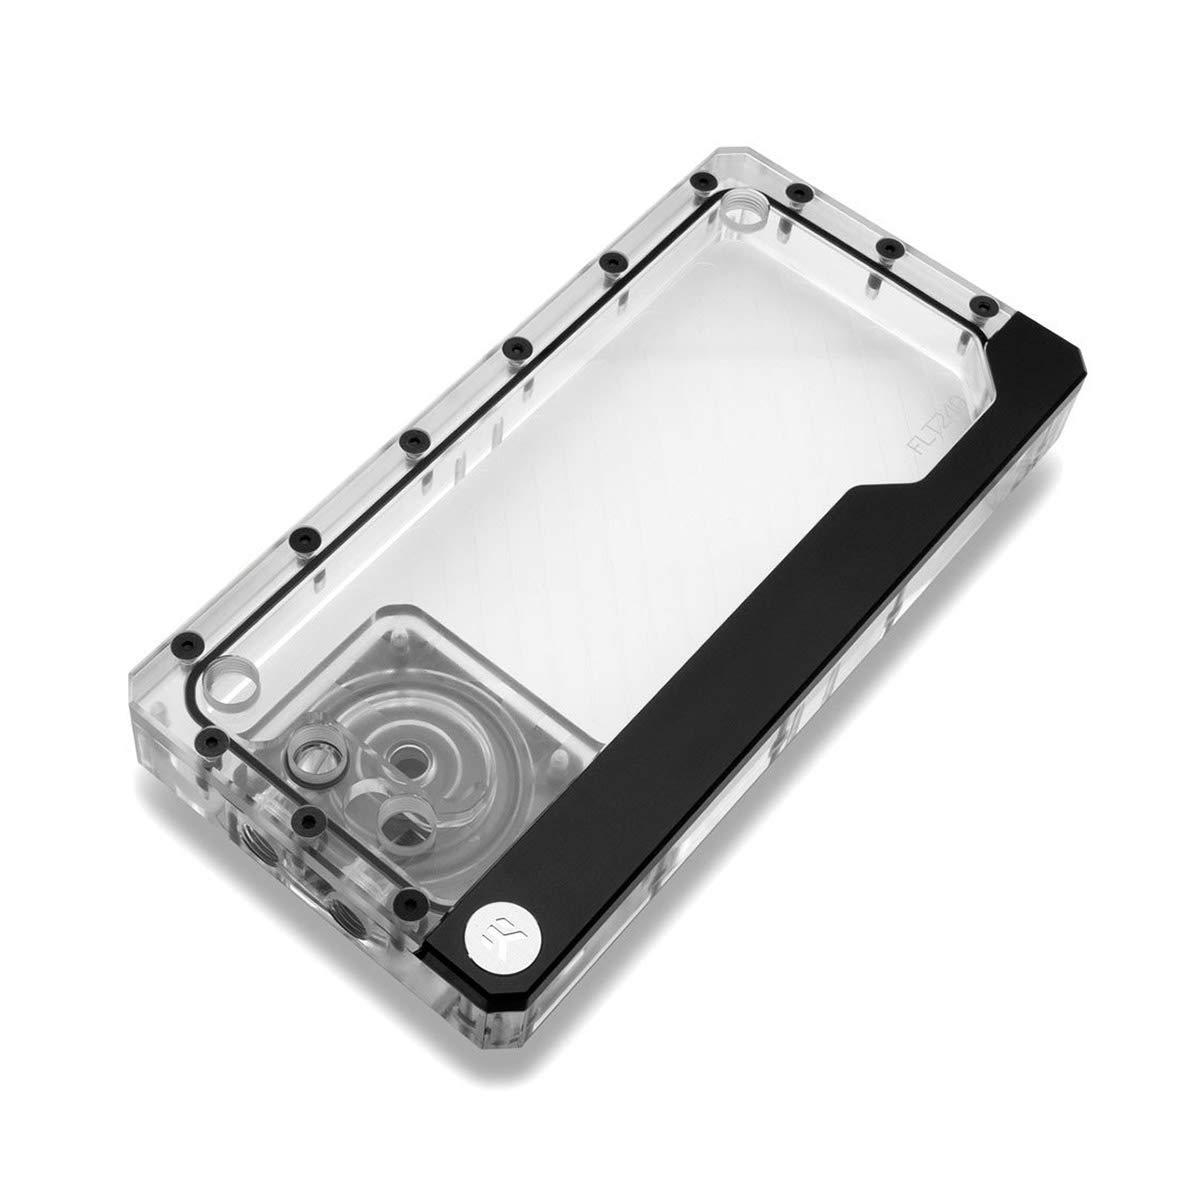 EKWB EK-Quantum Kinetic FLT 240 Pump/Reservoir Combo, DDC PWM, D-RGB, Plexi